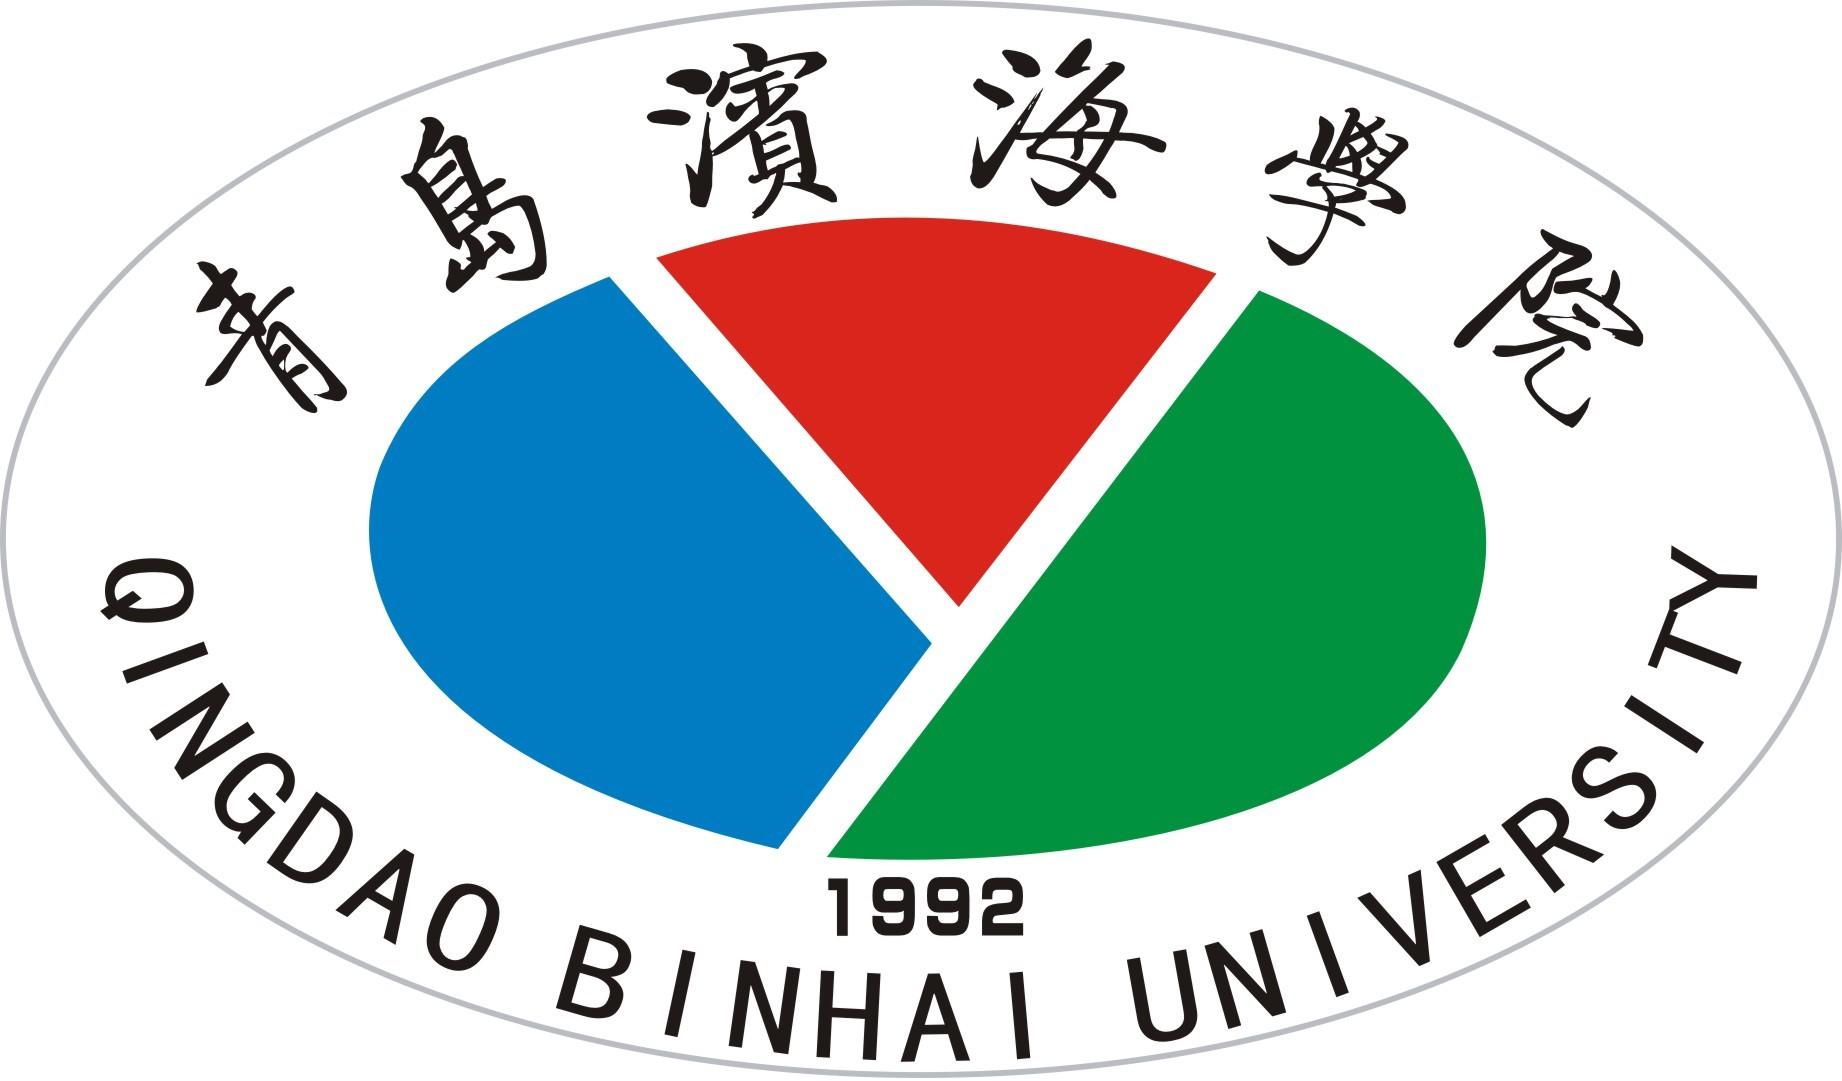 青岛滨海学院校徽主体造型采用同心两椭圆环图形